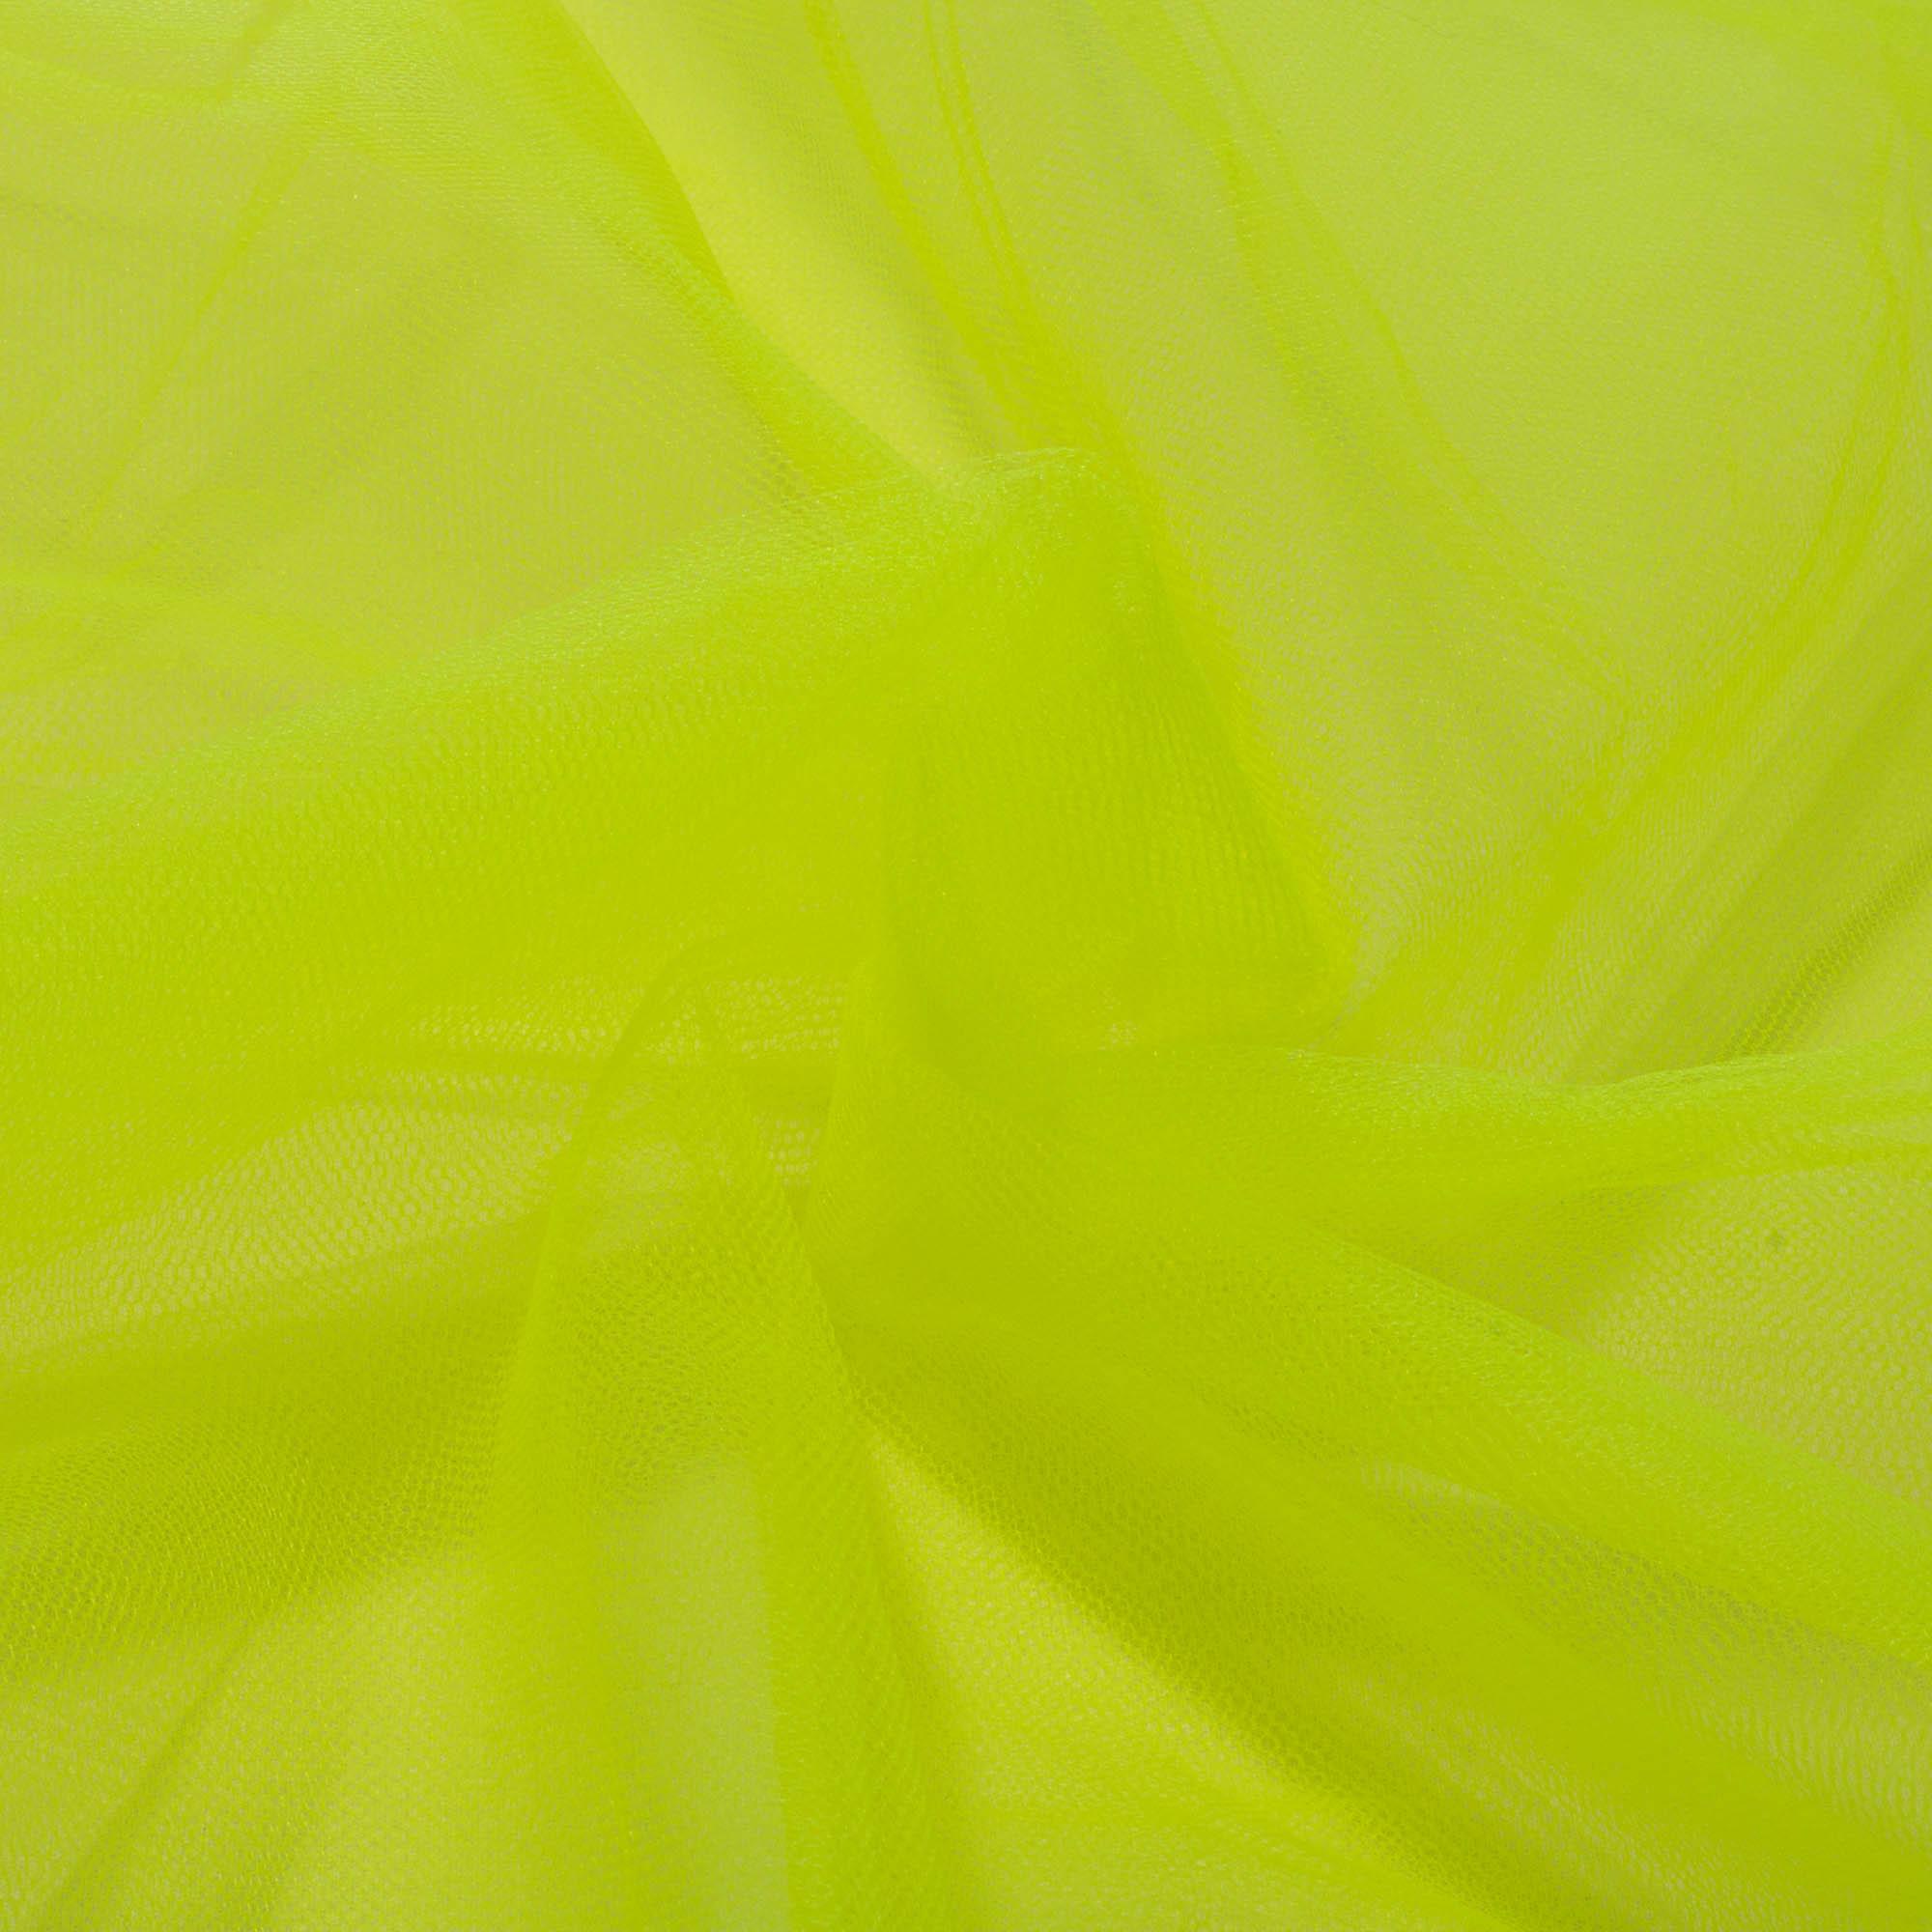 6 Metros Tecido Tule 100% Poliéster 1,20 Mt Largura Amarelo Limão